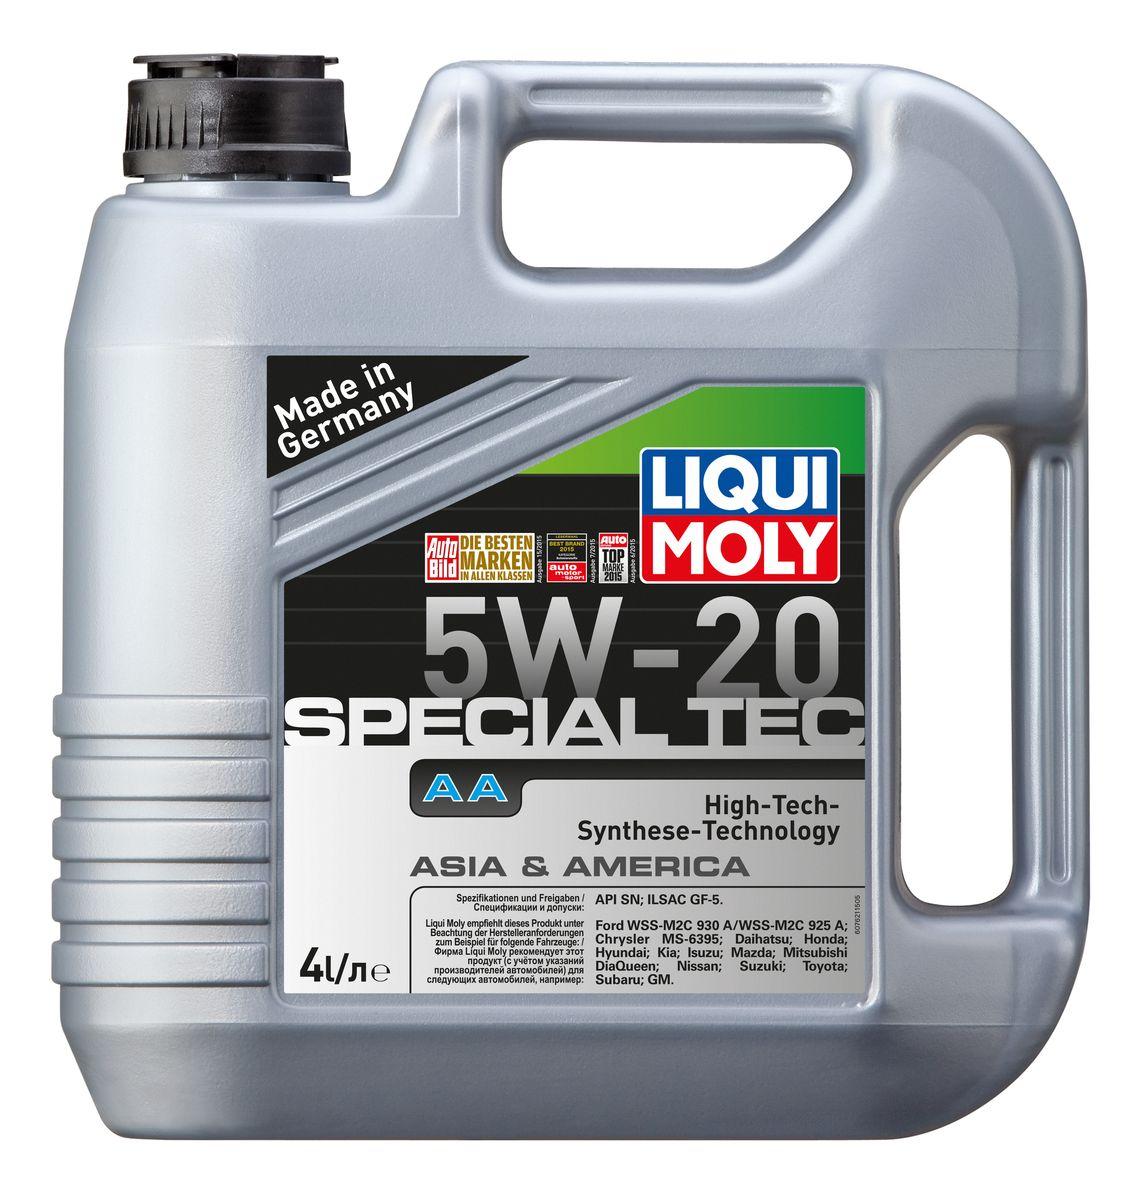 Масло моторное Liqui Moly Special Tec AA, НС-синтетическое, 5W-20, 4 л7621Масло моторное Liqui Moly Special Tec AA рекомендуется для автомобилей Honda, Mazda, Mitsubishi, Nissan, Daihatsu, Hyundai, Kia, Isuzu, Suzuki, Toyota, Subaru, Ford, Chrysler, GM. Современное HC-синтетическое энергосберегающее моторное масло специально разработано для всесезонного использования в двигателях американских и азиатских автомобилей. Благодаря классу вязкости 5W-20 данное масло отлично подходит для новейших двигателей Honda, произведенных для японского и американского рынков. Базовые масла, полученные по технологии синтеза, и новейшие присадки составляют рецептуру моторного масла с отменной защитой от износа, снижающего расход топлива и масла, обеспечивающего чистоту двигателя и максимально быстрое поступление к трущимся деталям. Особенности: - Быстрое поступление масла ко всем деталям двигателя при низких температурах - Высочайшие показатели топливной экономии - Сокращает эмиссию выхлопных газов - Отличная...